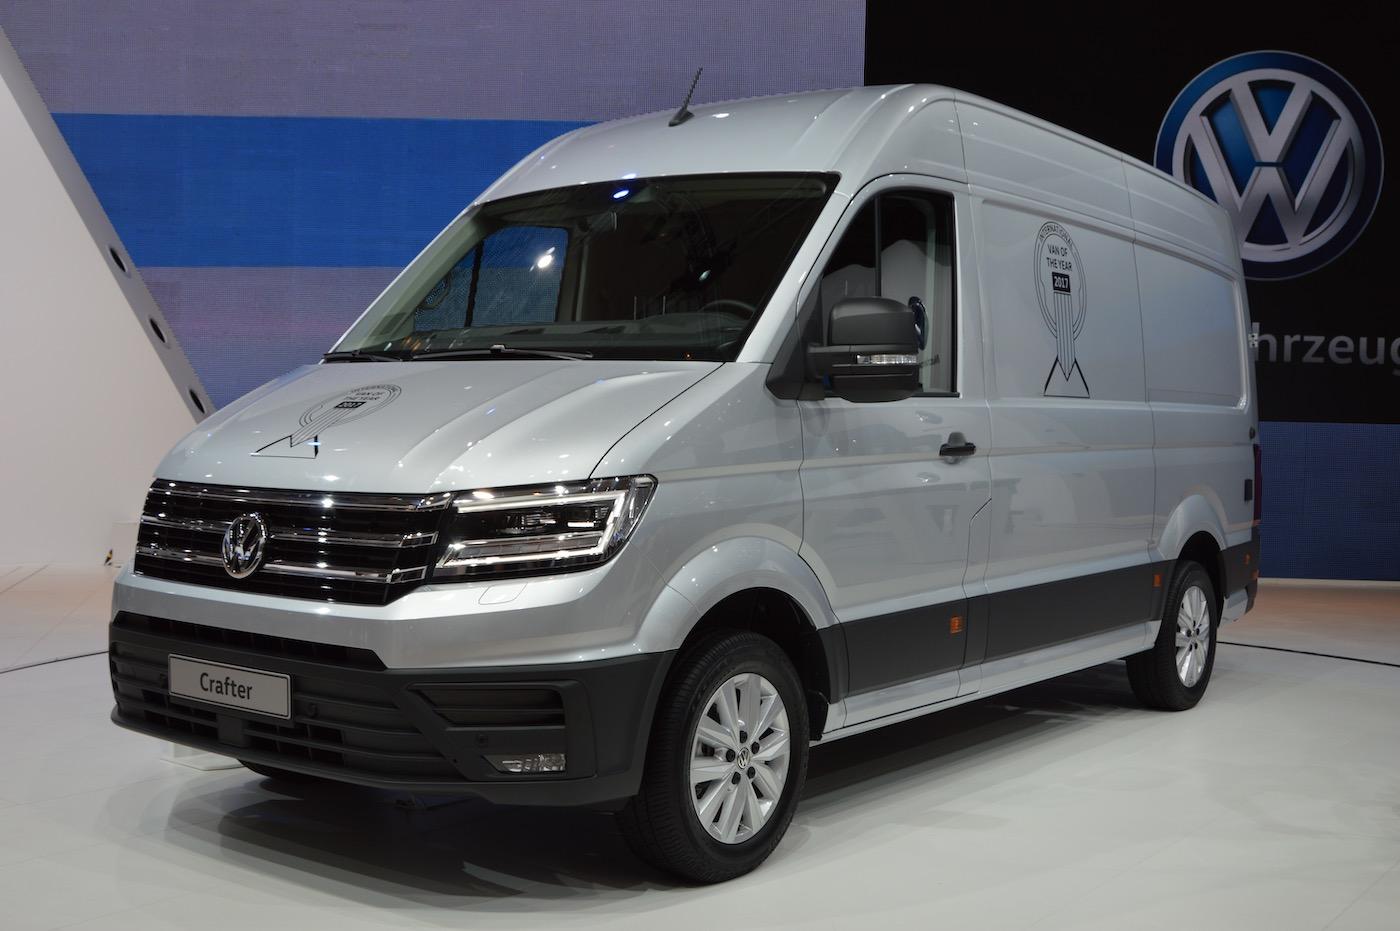 Giti Tire consigue su primer equipamiento de origen para vehículos comerciales ligeros con la VW Crafter